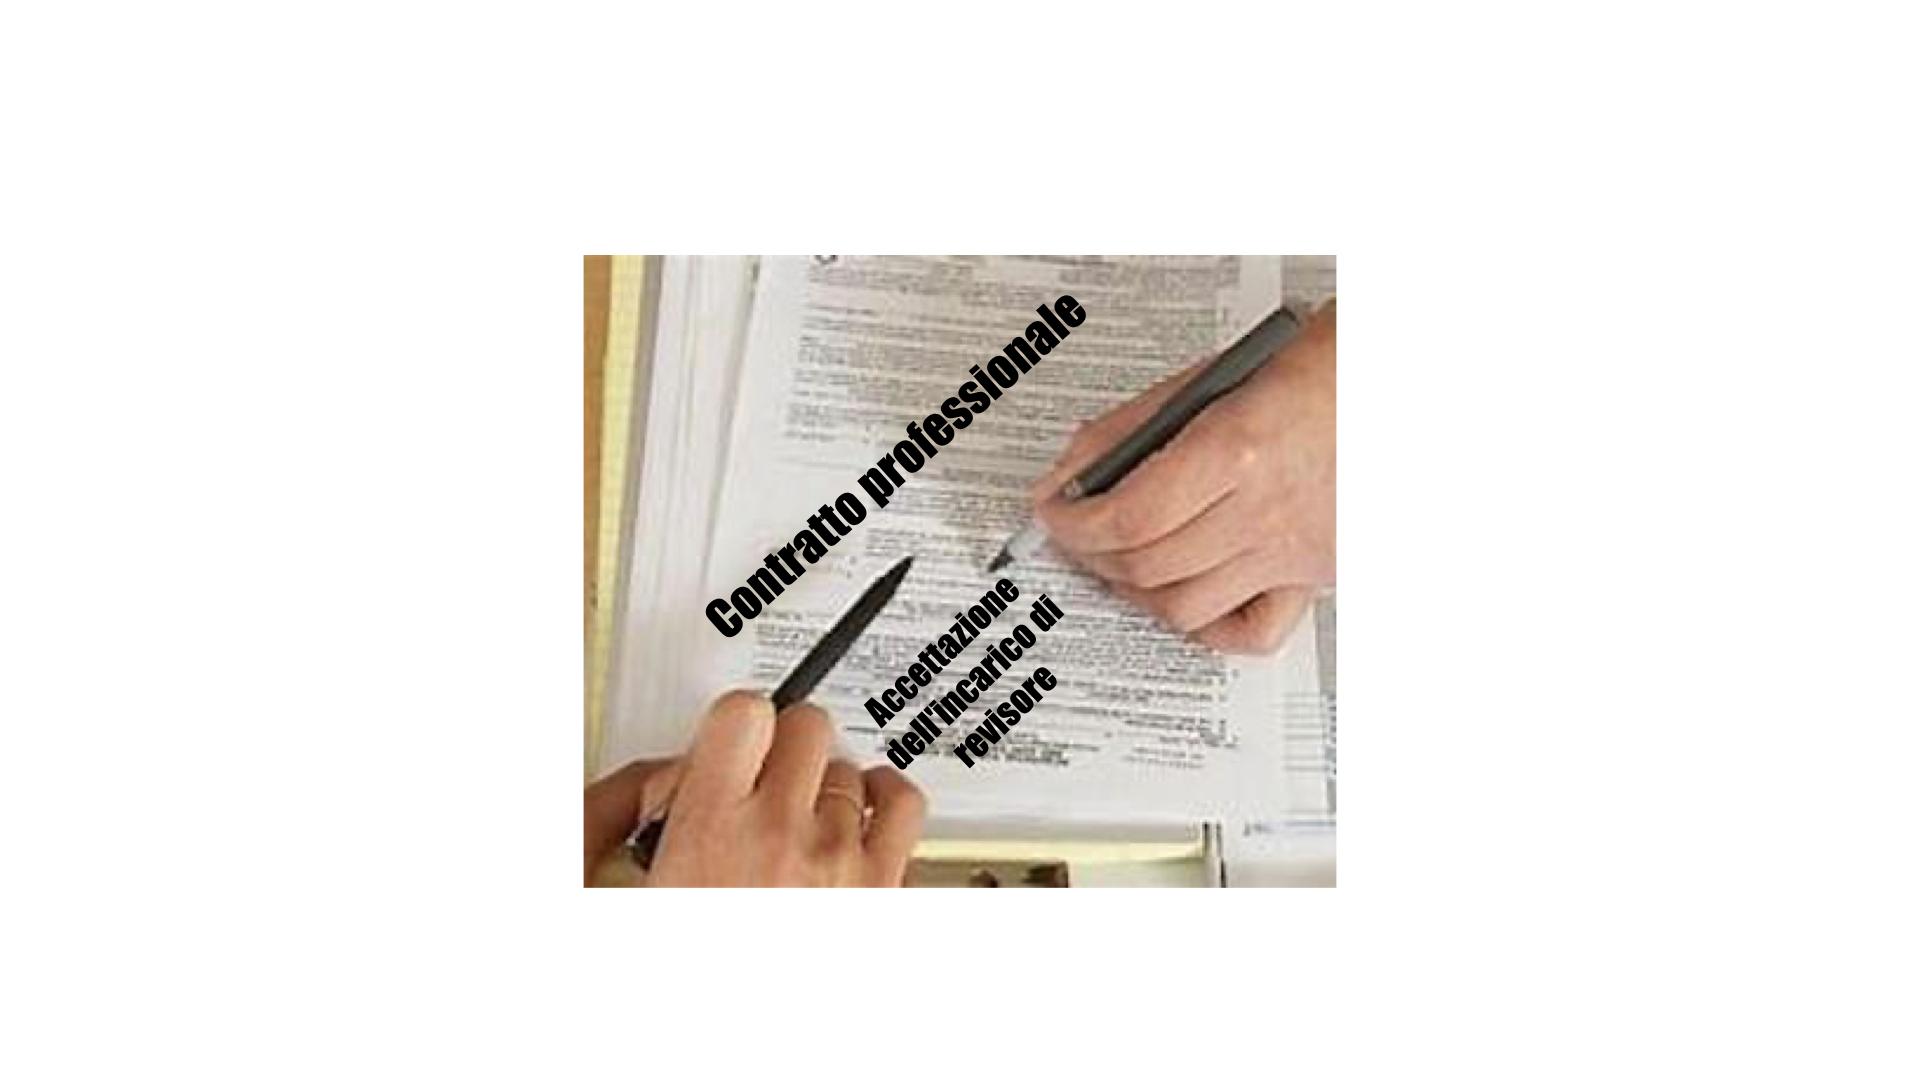 Conferimento dell'incarico e esempio di lettera di accettazione dell'incarico redatta dal revisore